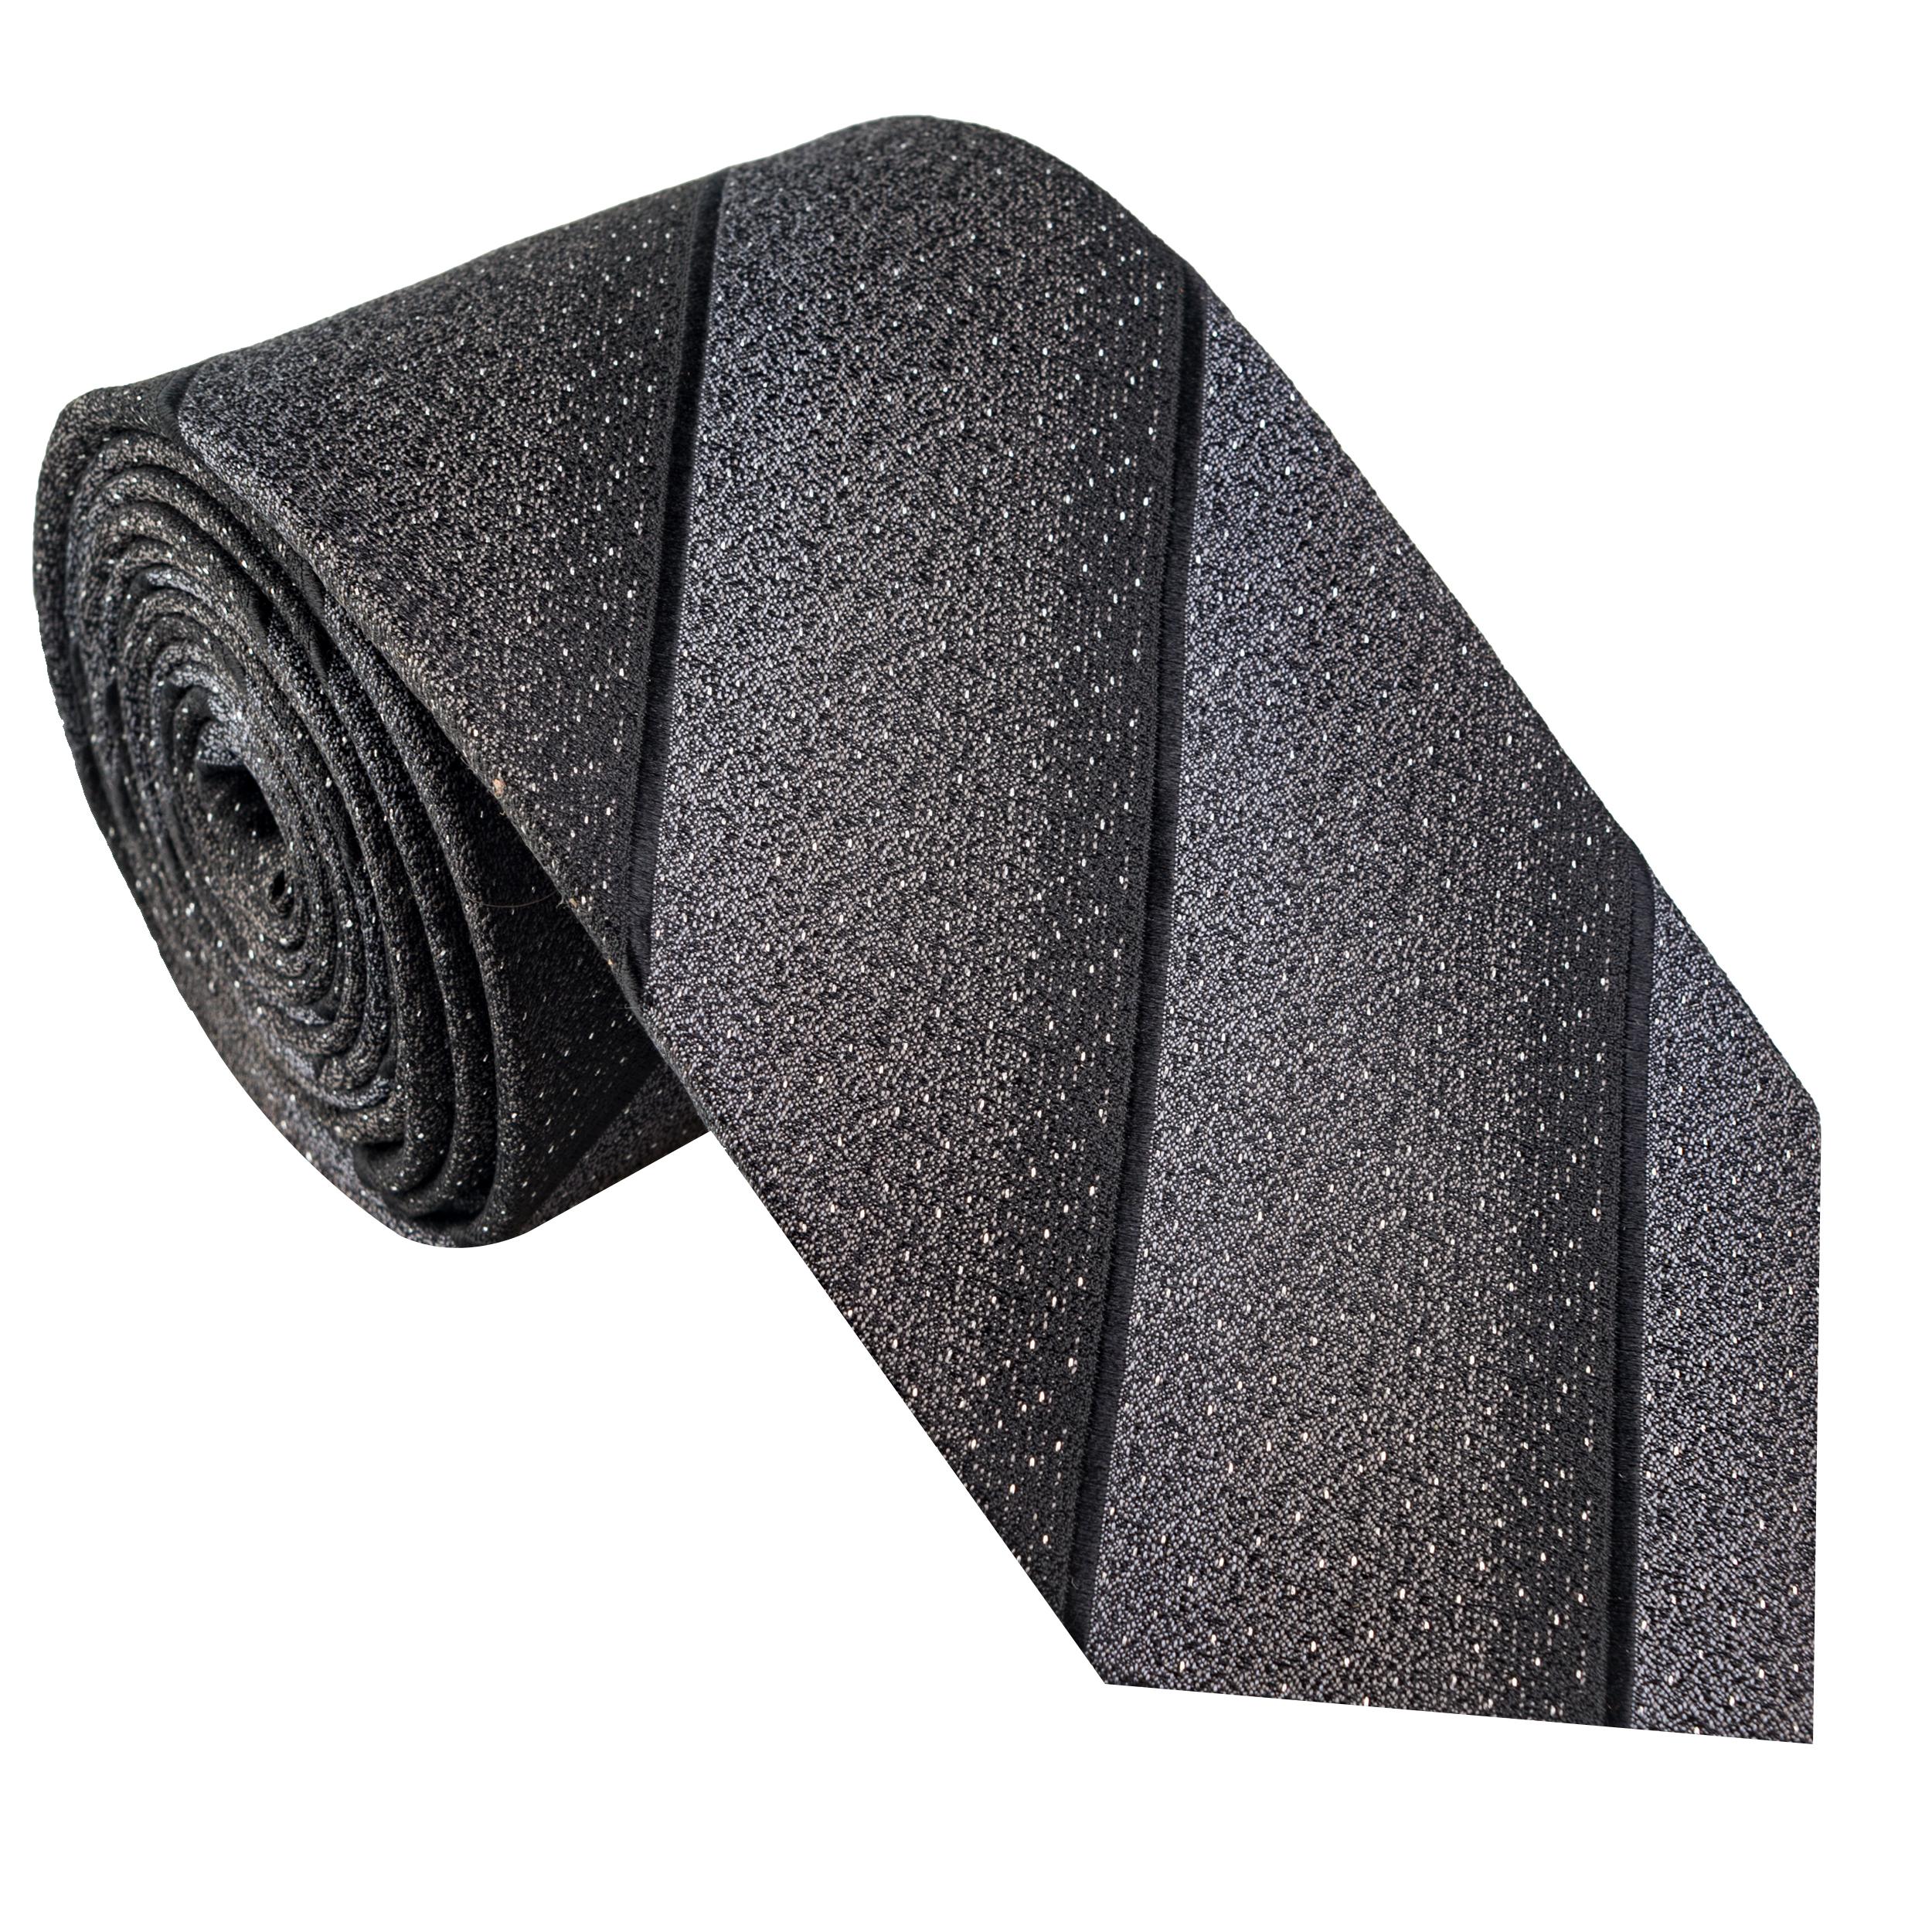 کراوات مردانه جیان فرانکو روسی مدل GF-ST524-BK